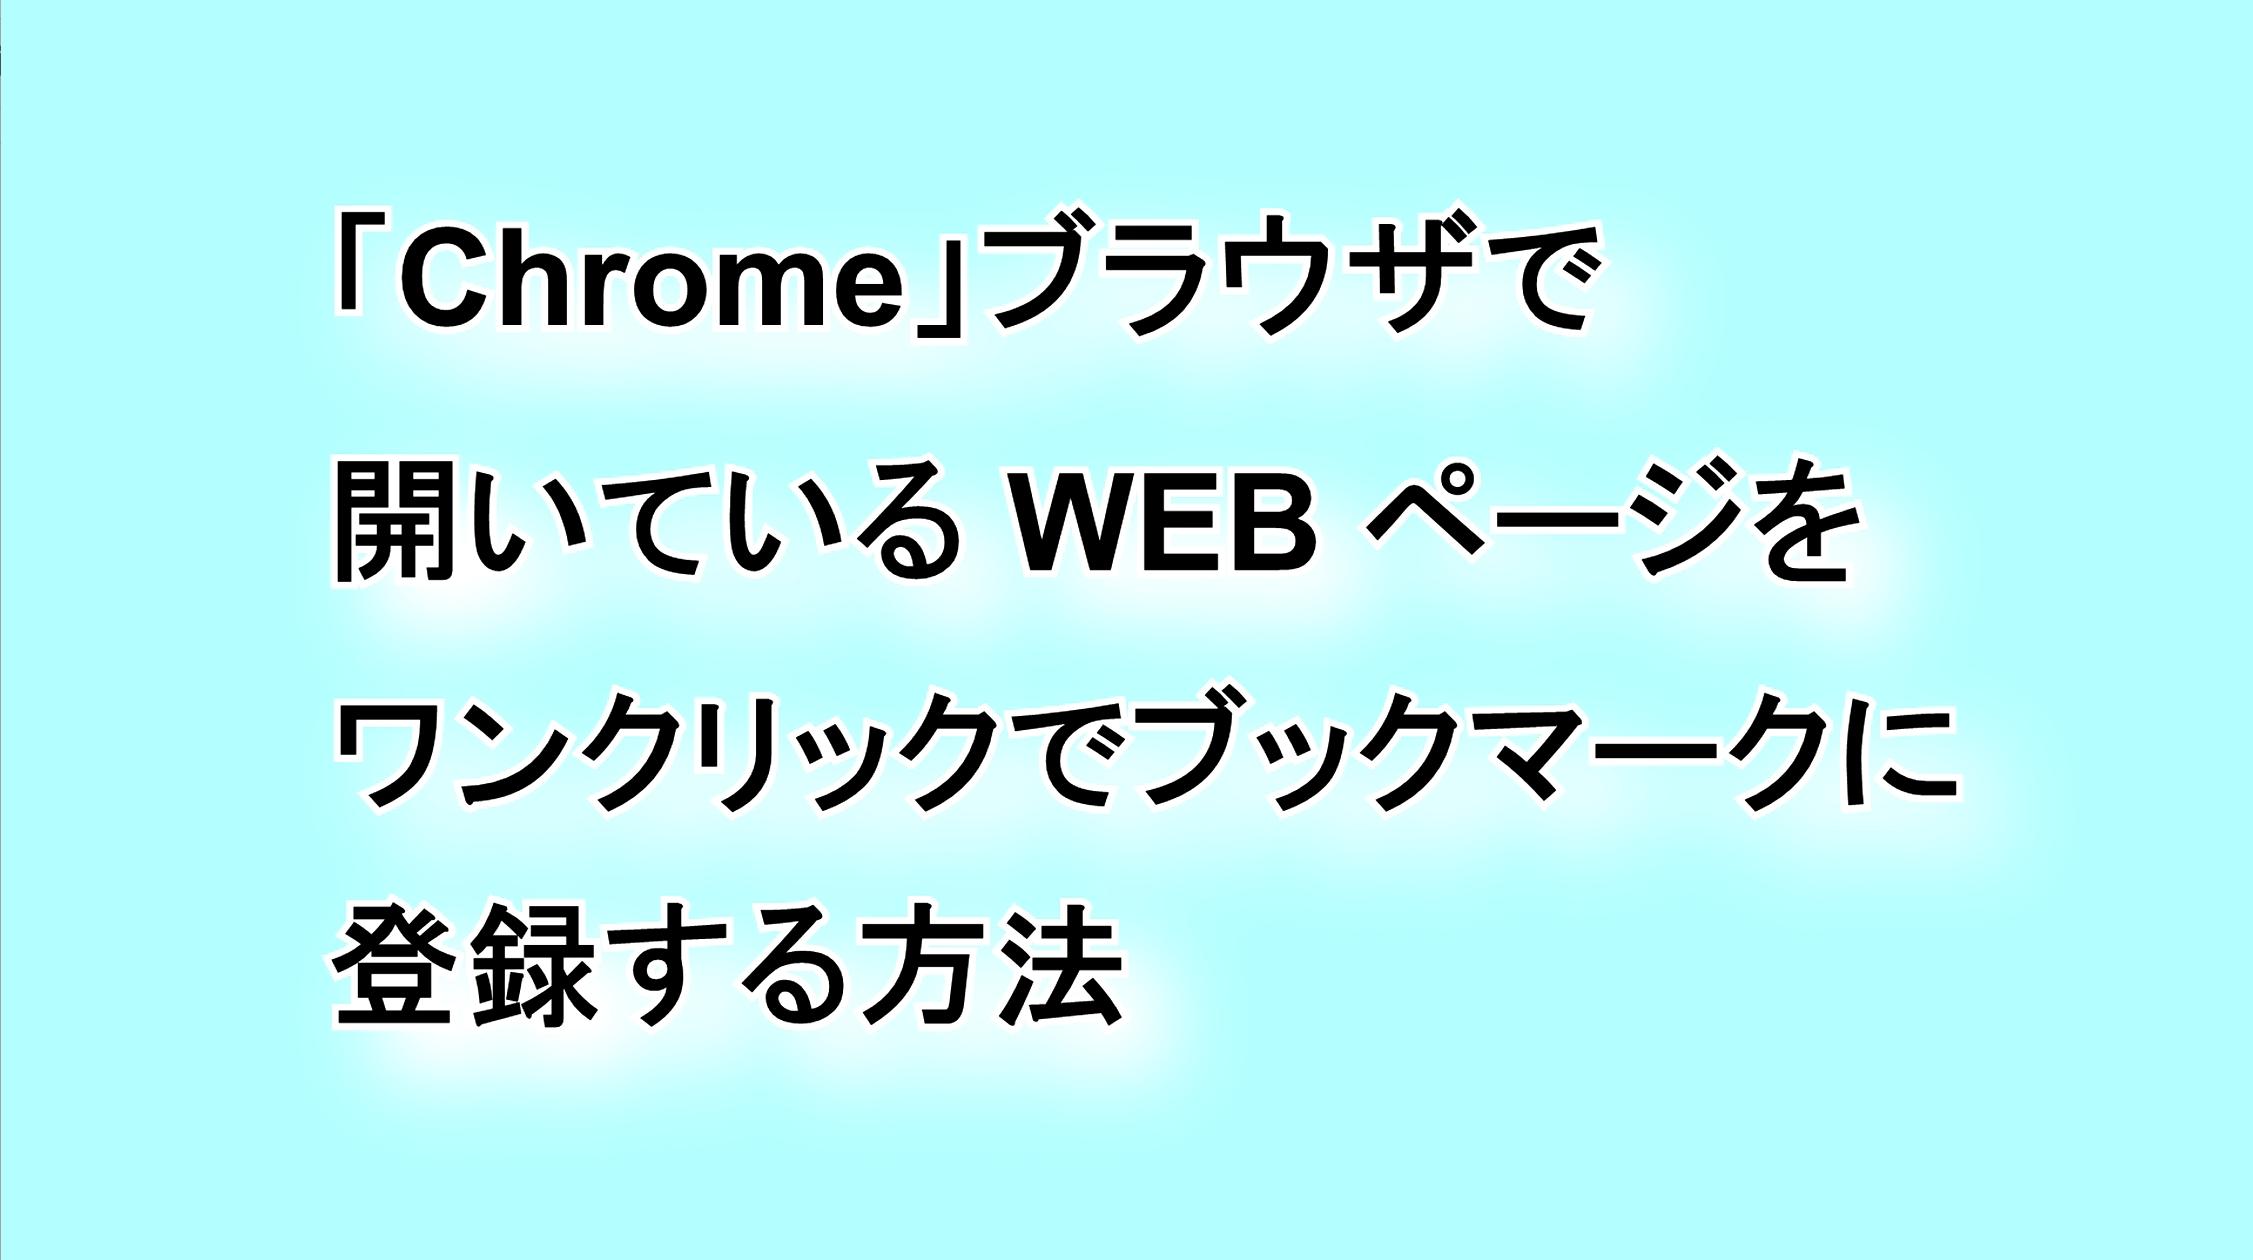 「Chrome」で開いているWEBページをワンクリックでブックマークに登録する方法